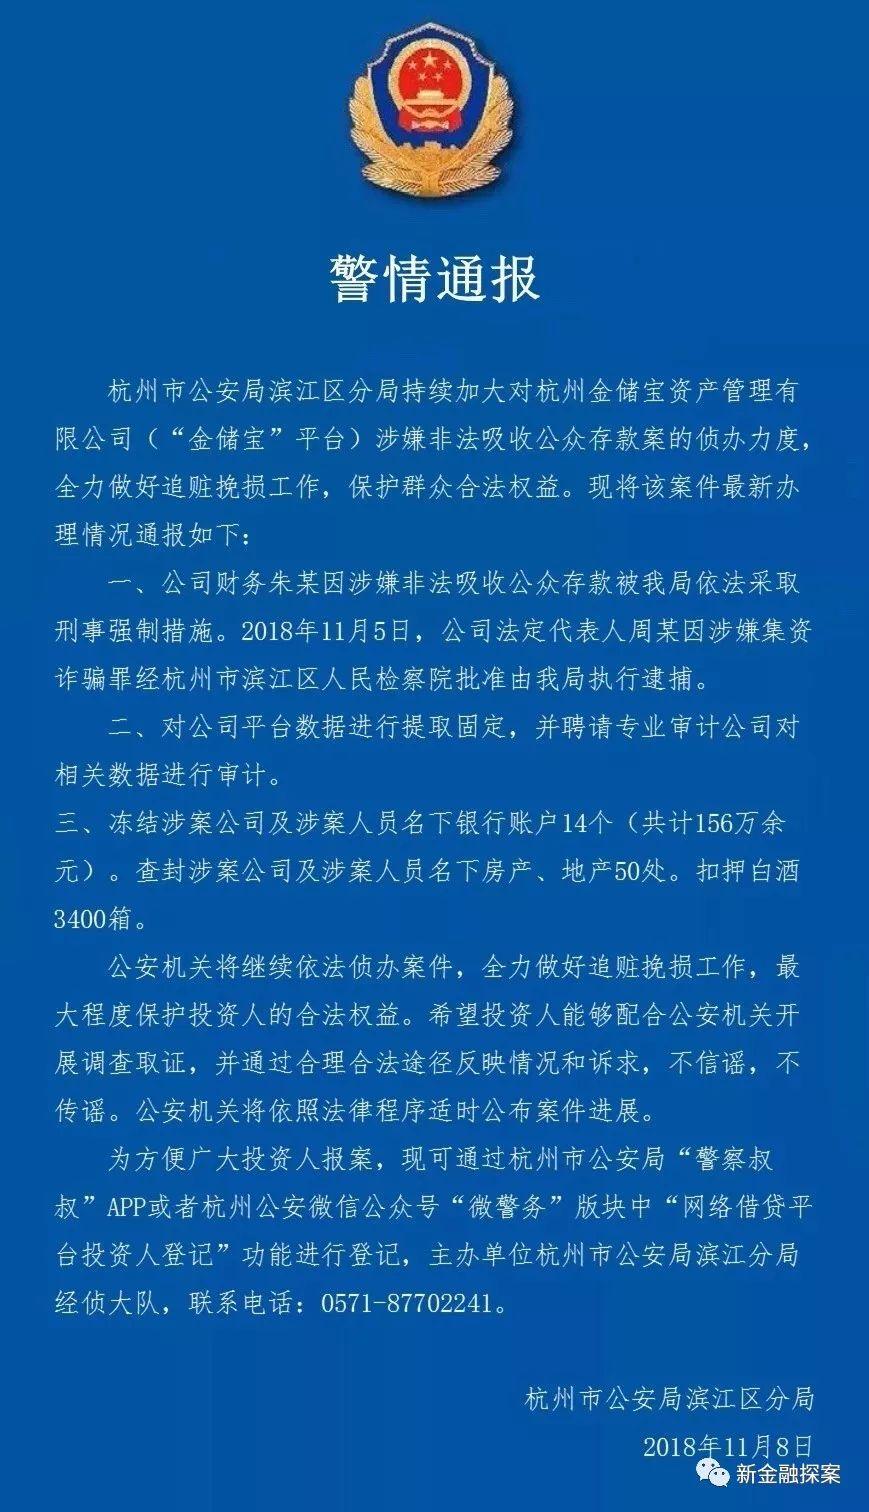 11月9日舆情快报:7家杭州平台最新进展,宜贷网供链贷大量逾期!